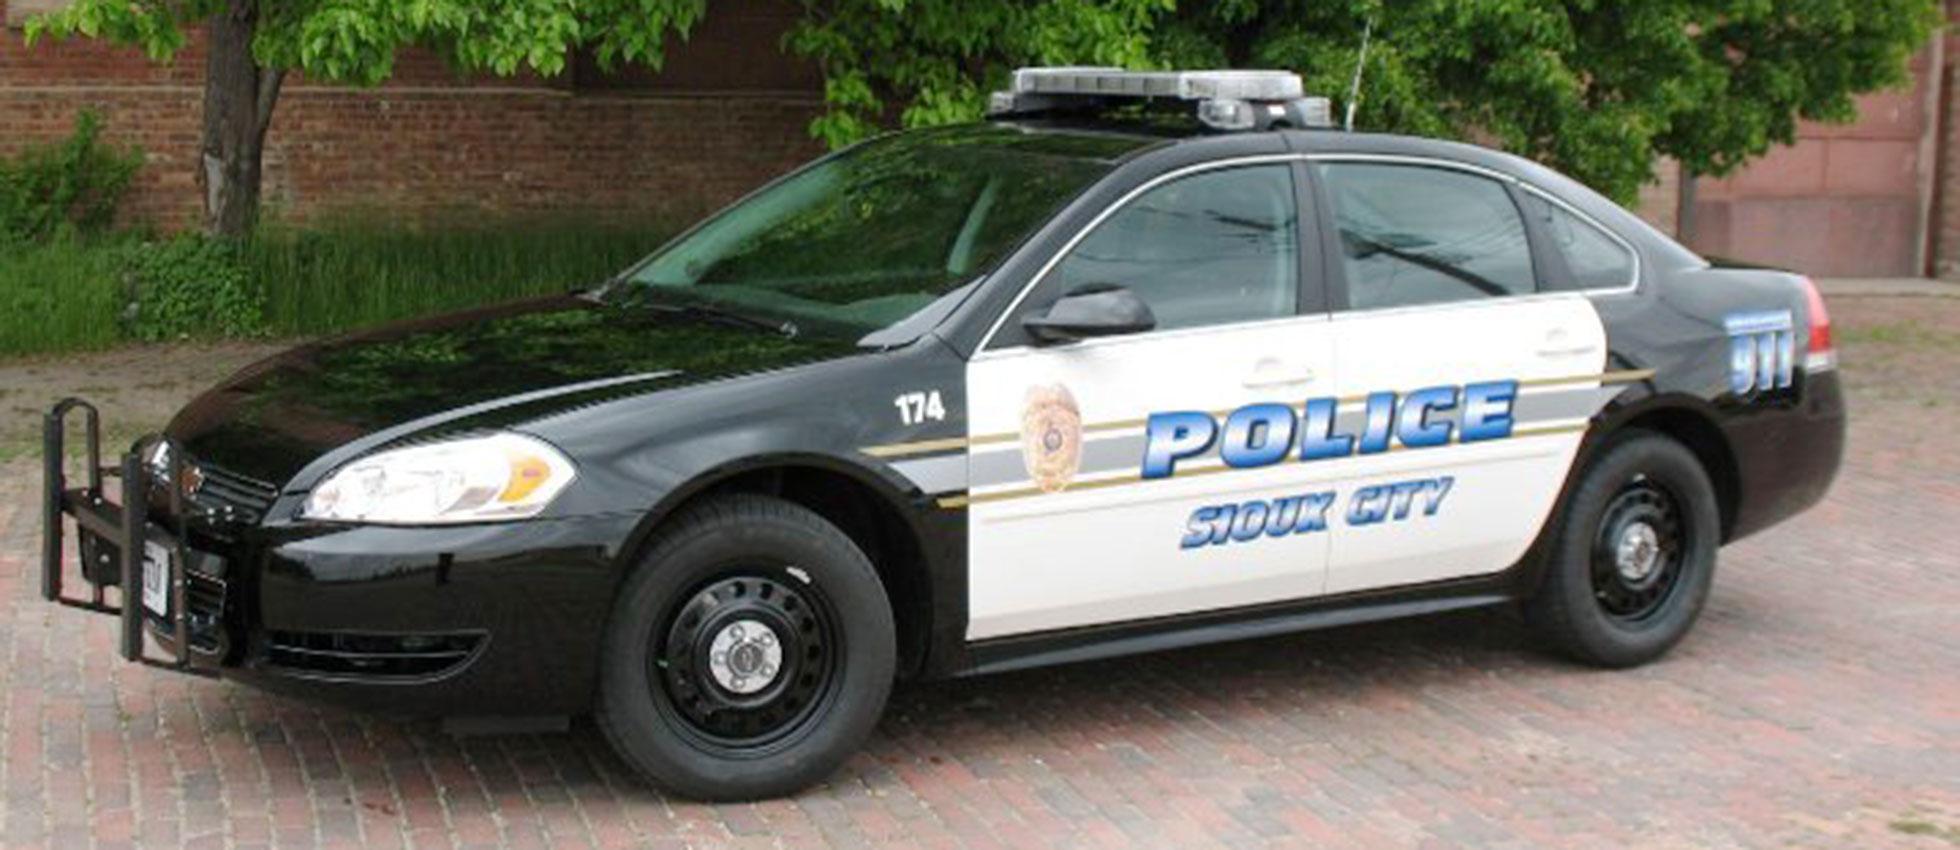 Sioux City Cars Trucks Craigslist Autocars Blog